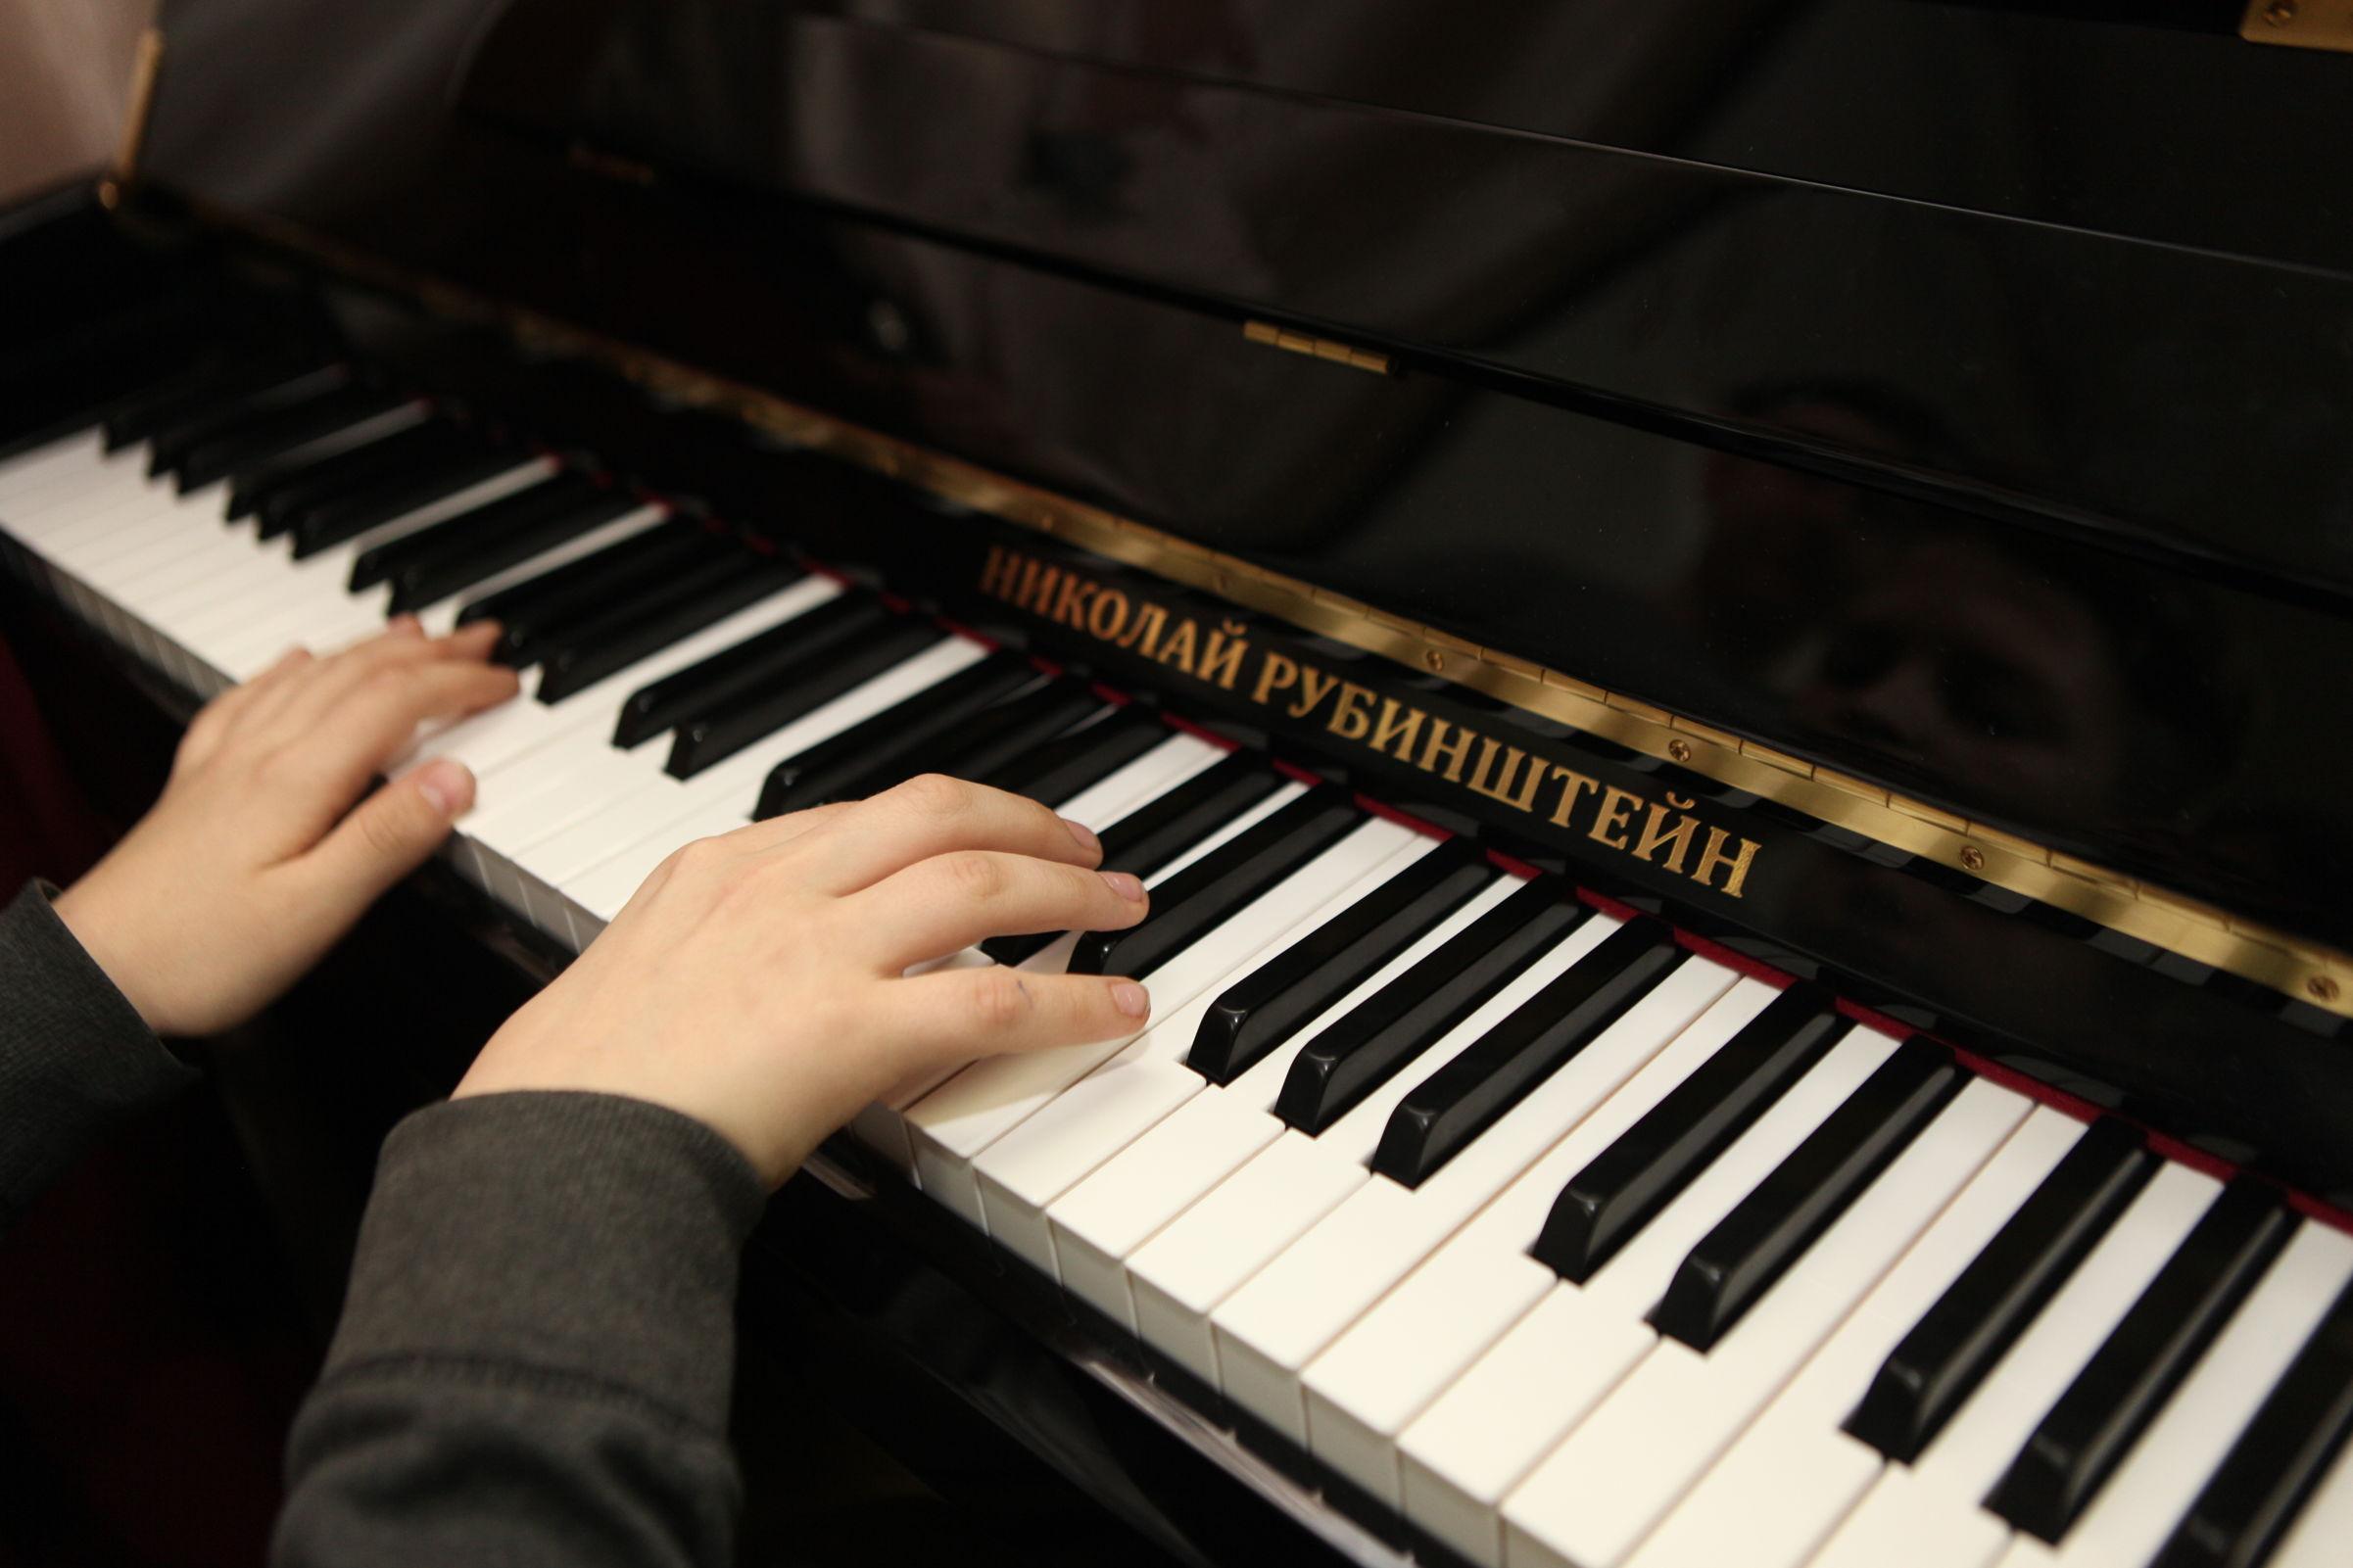 Пианино от президента. Рыбинская музыкальная школа получила подарок к 100-летнему юбилею